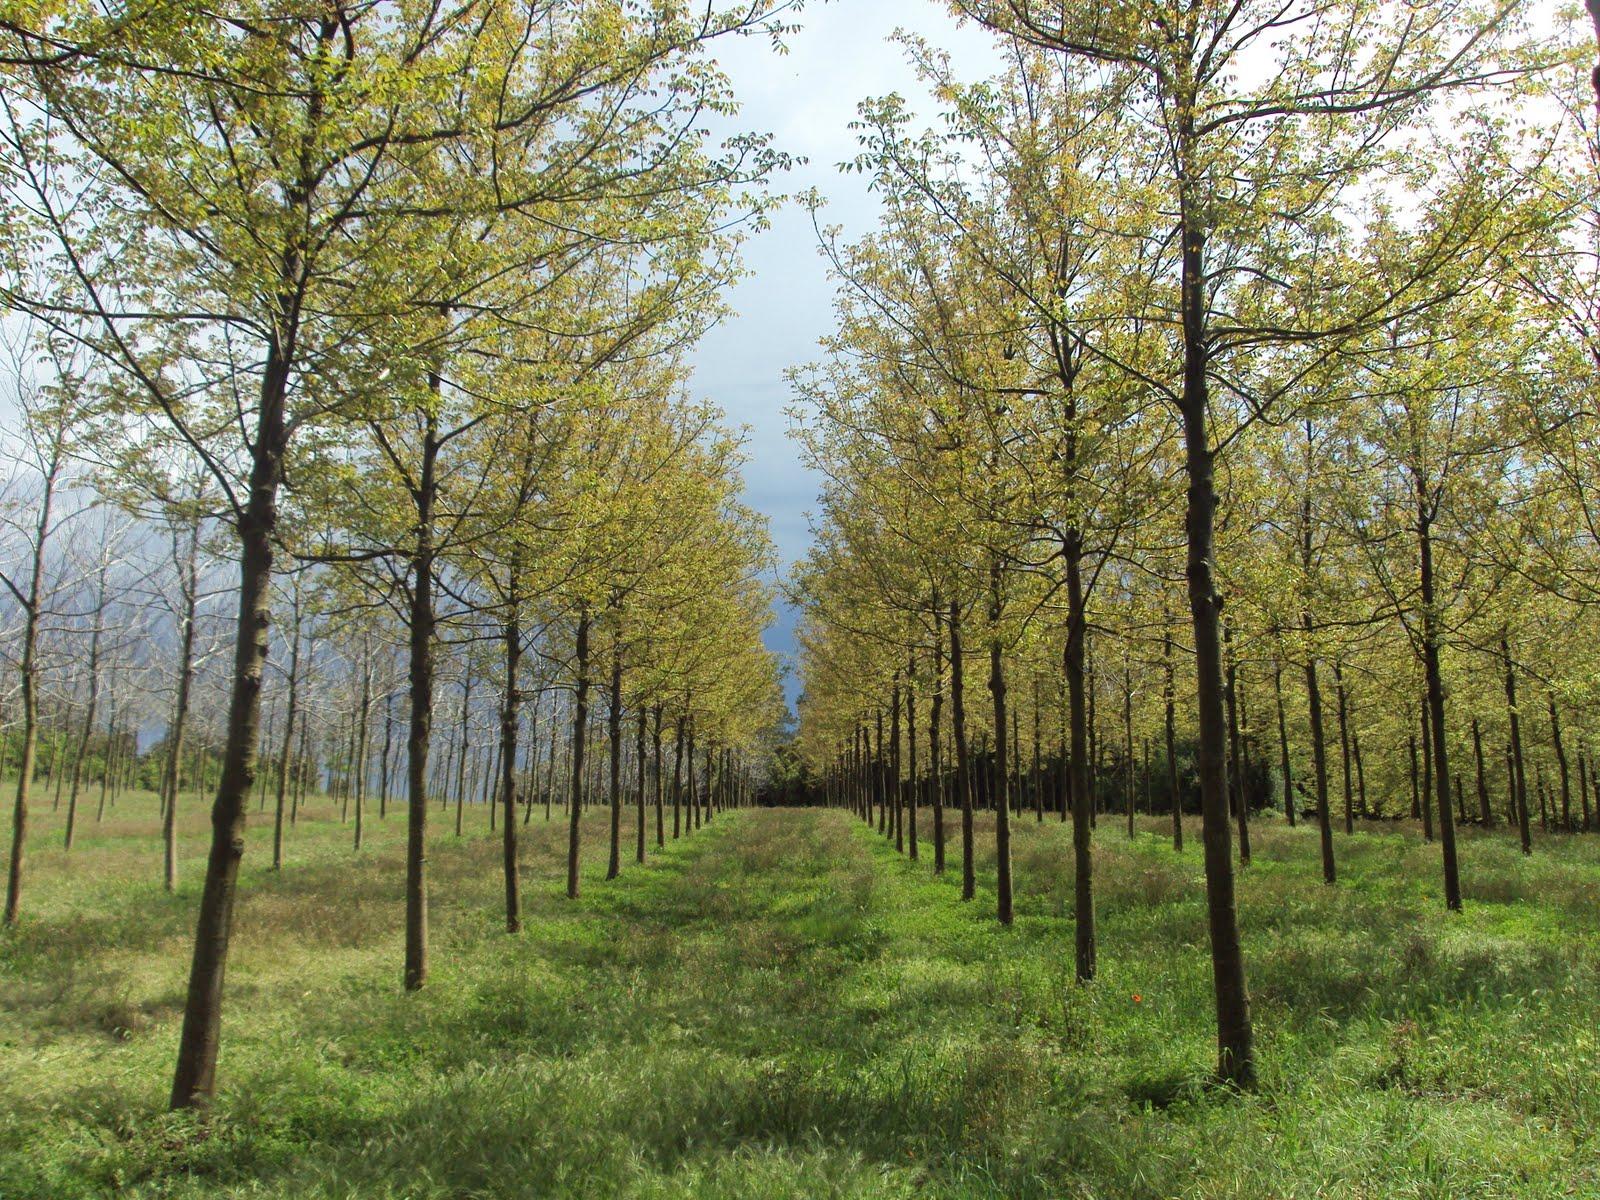 Bosques naturales bosques naturales da por concluido el - Ambientadores naturales para la casa ...